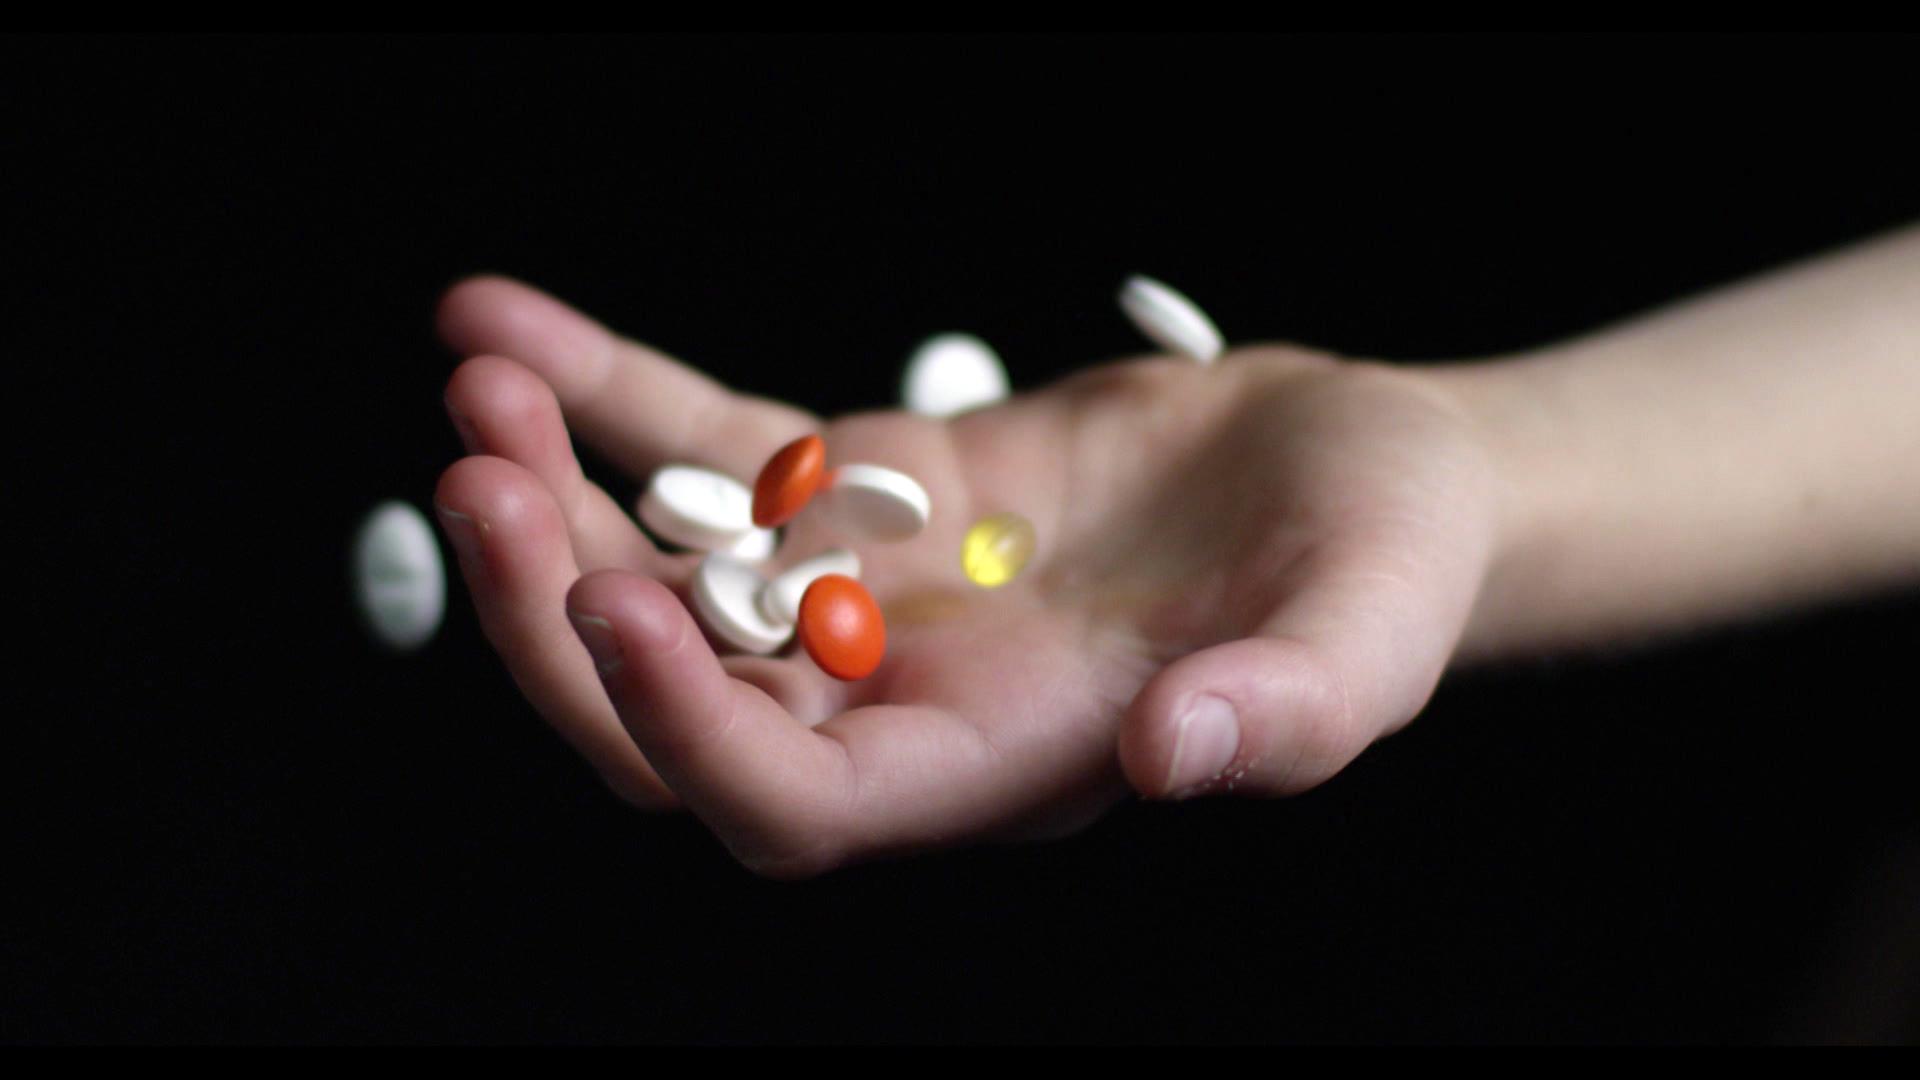 Piller i hånd modelfoto